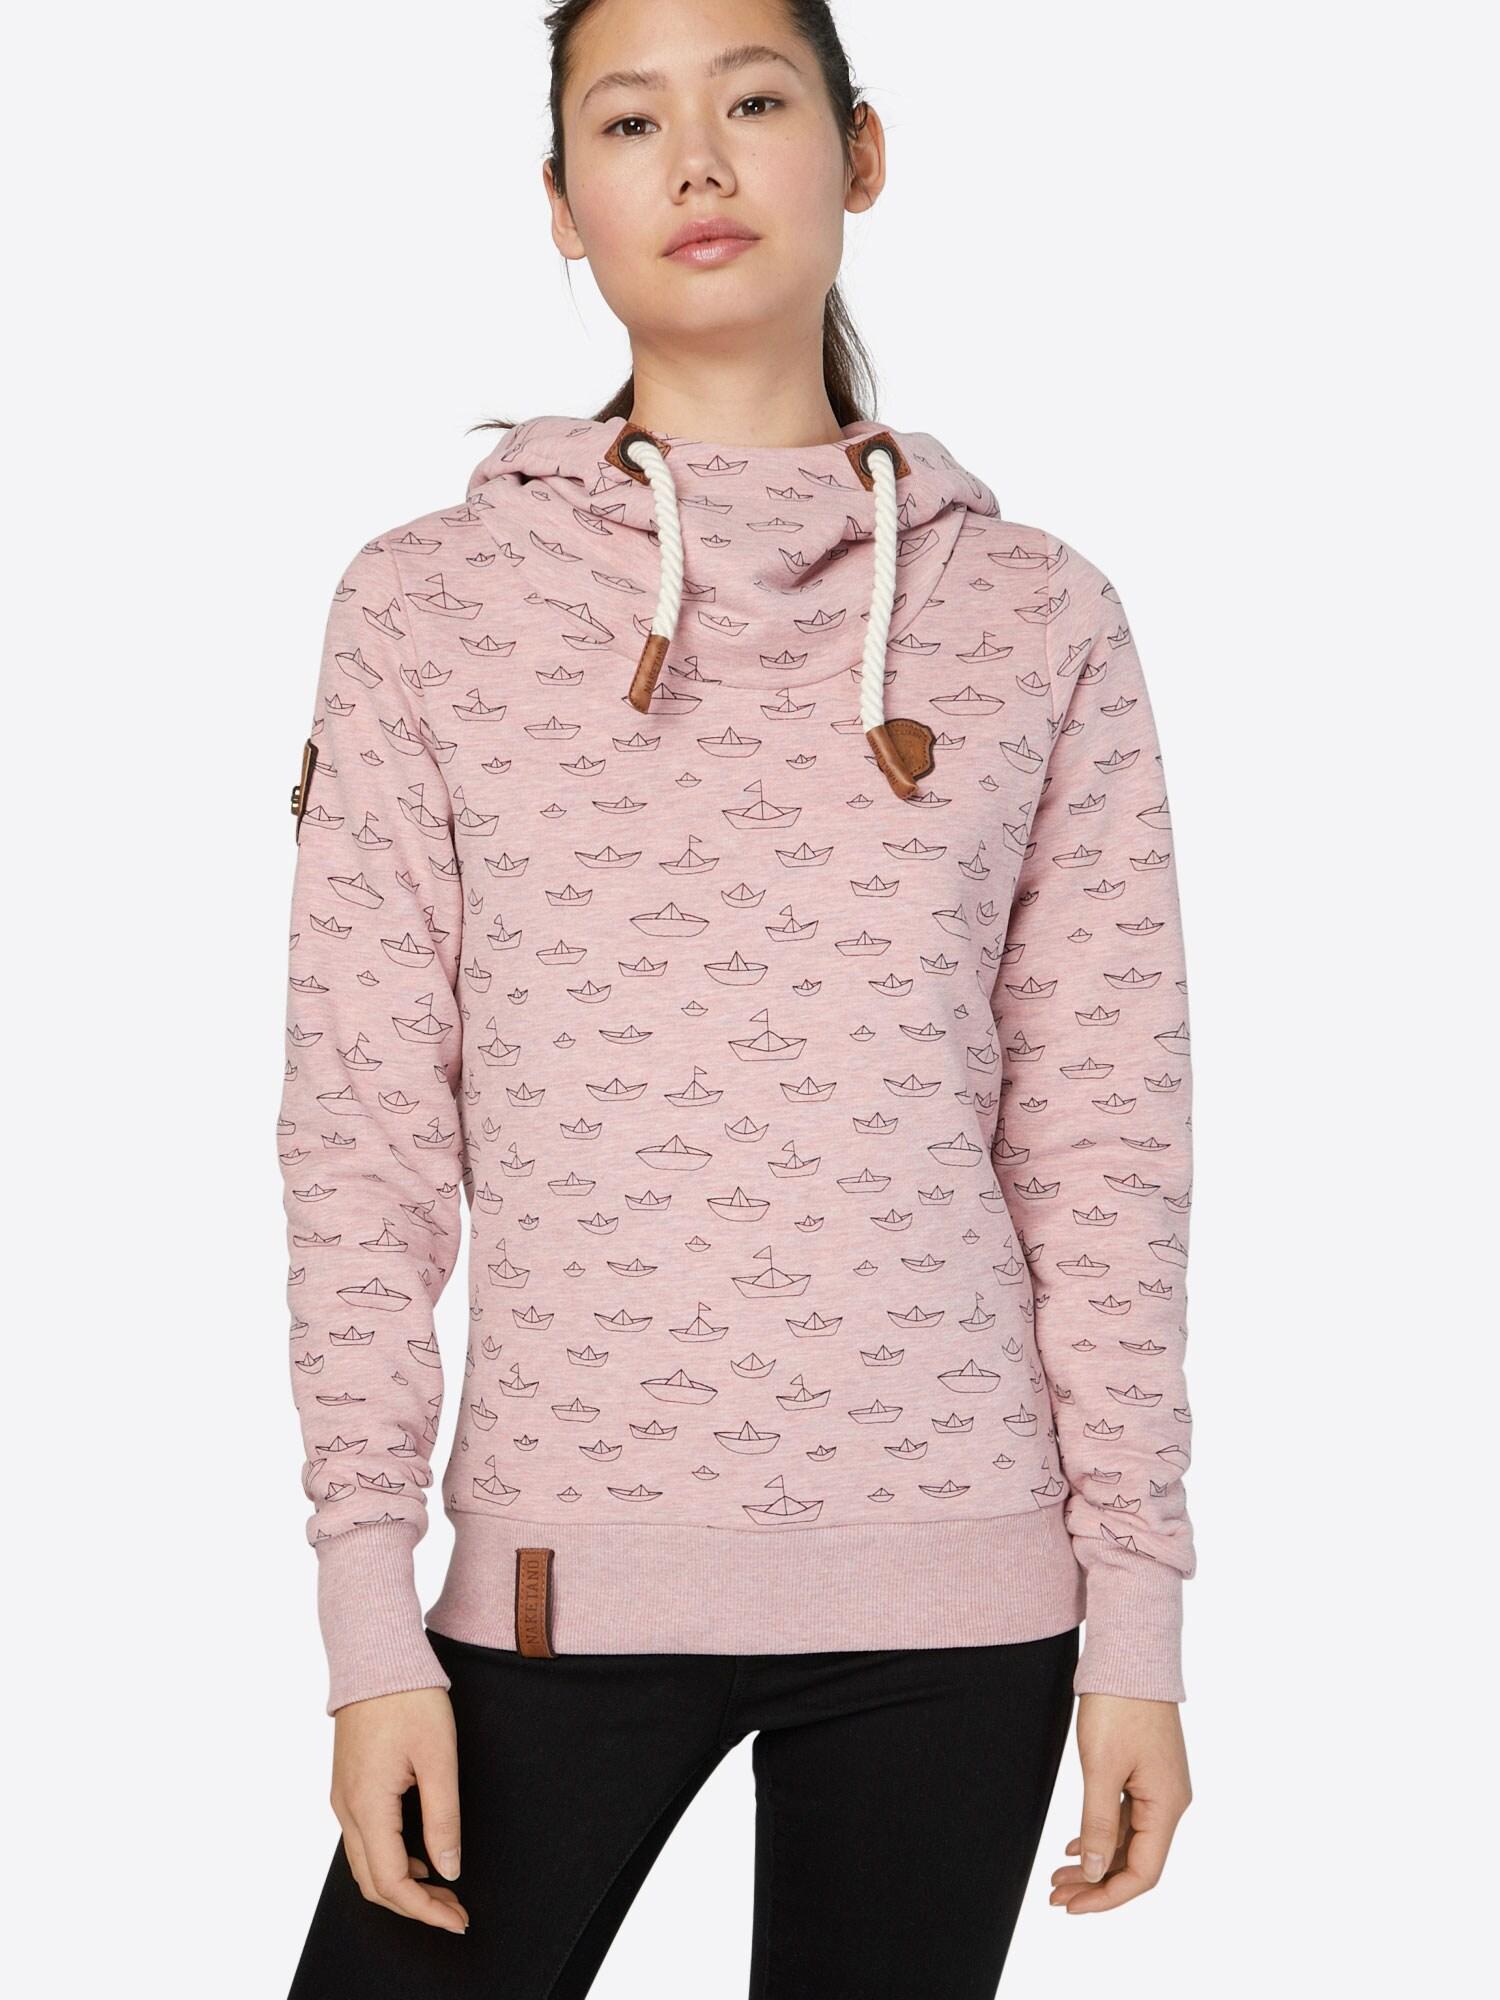 Sweatshirt 'Ich Denke Also Spinn Ich'